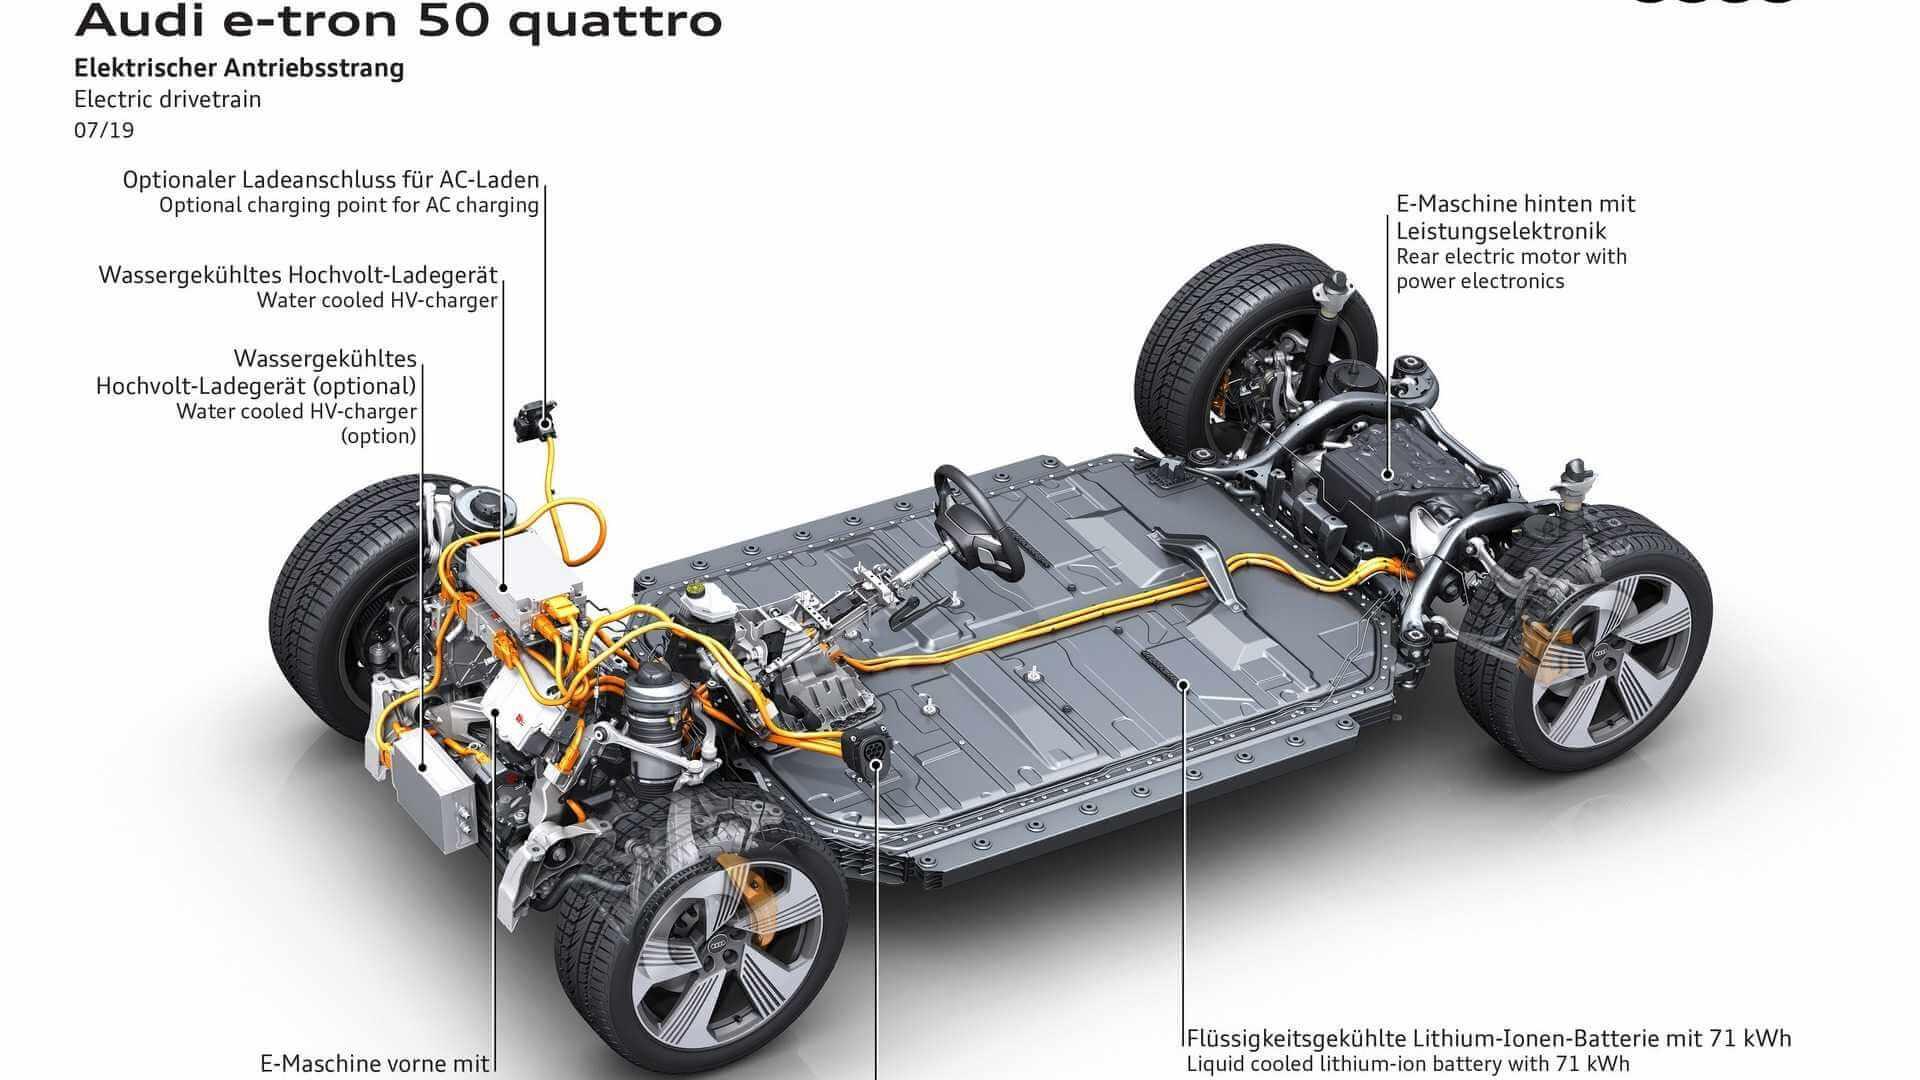 Силовая установка Audi e-tron 50 quattro